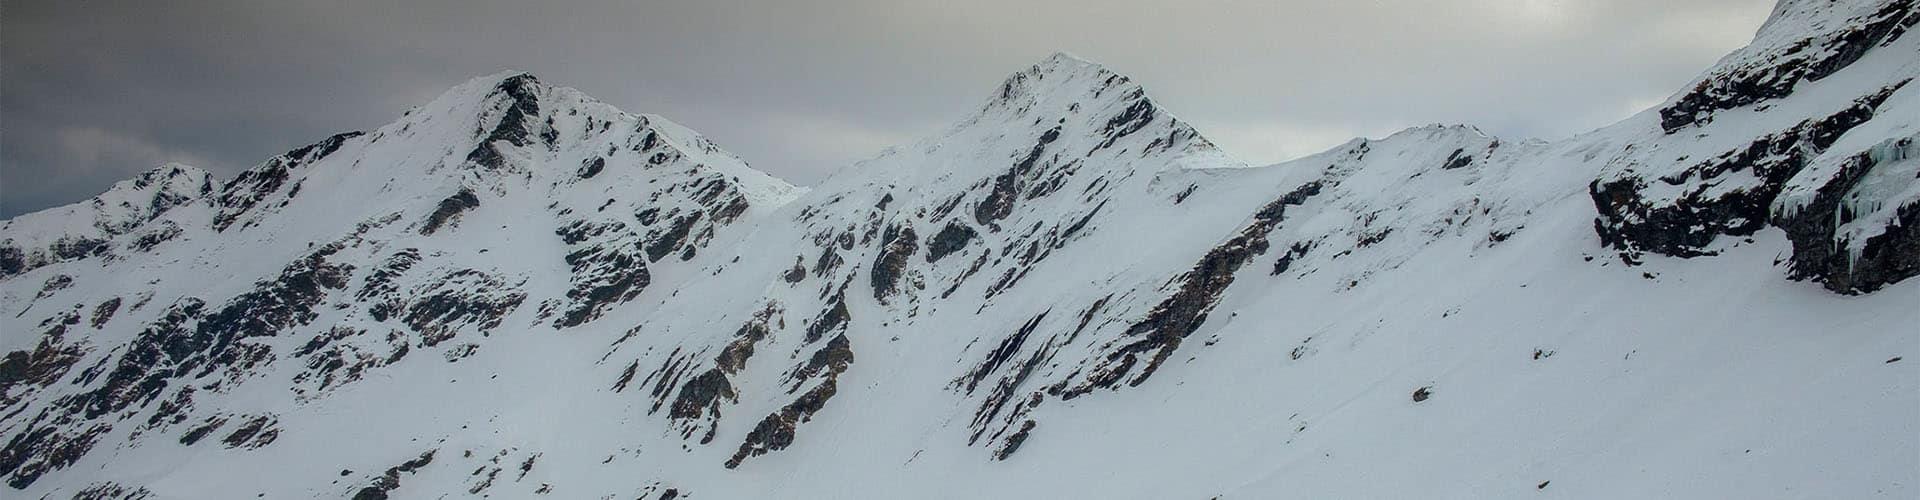 fotografía de viaje en lo alto del lago balea en las montañas nevadas de rumanía